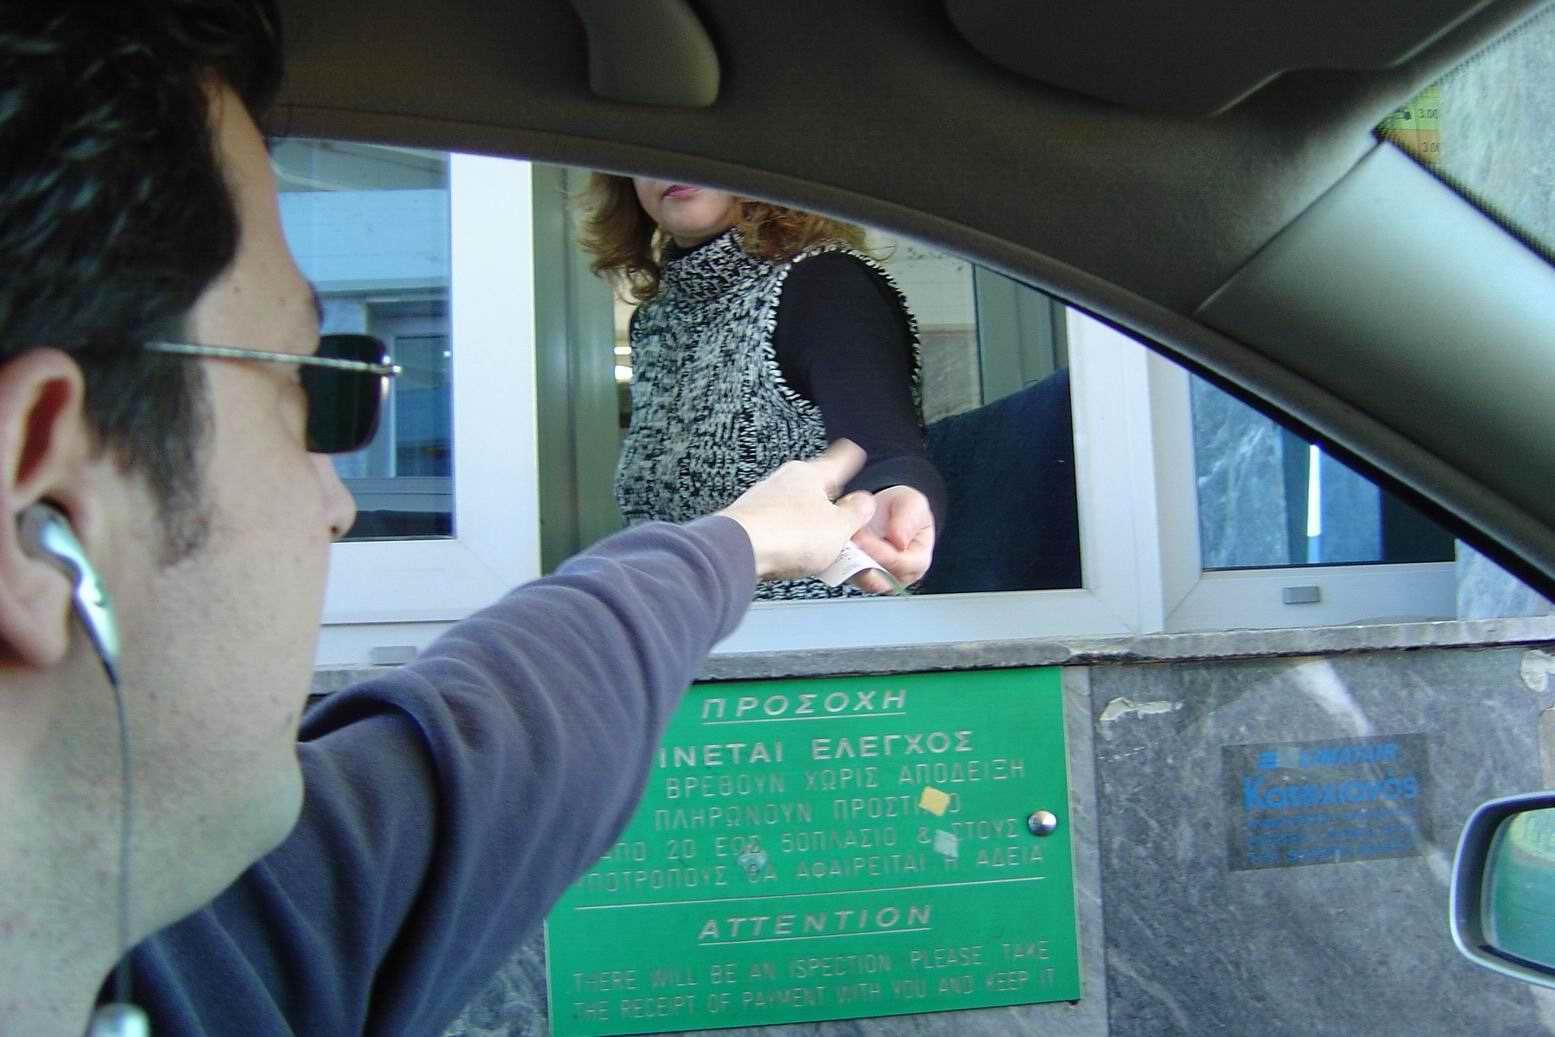 Έξι σταθμοί διοδίων στην Εγνατία από τον Έβρο μέχρι την Θεσσαλονίκη